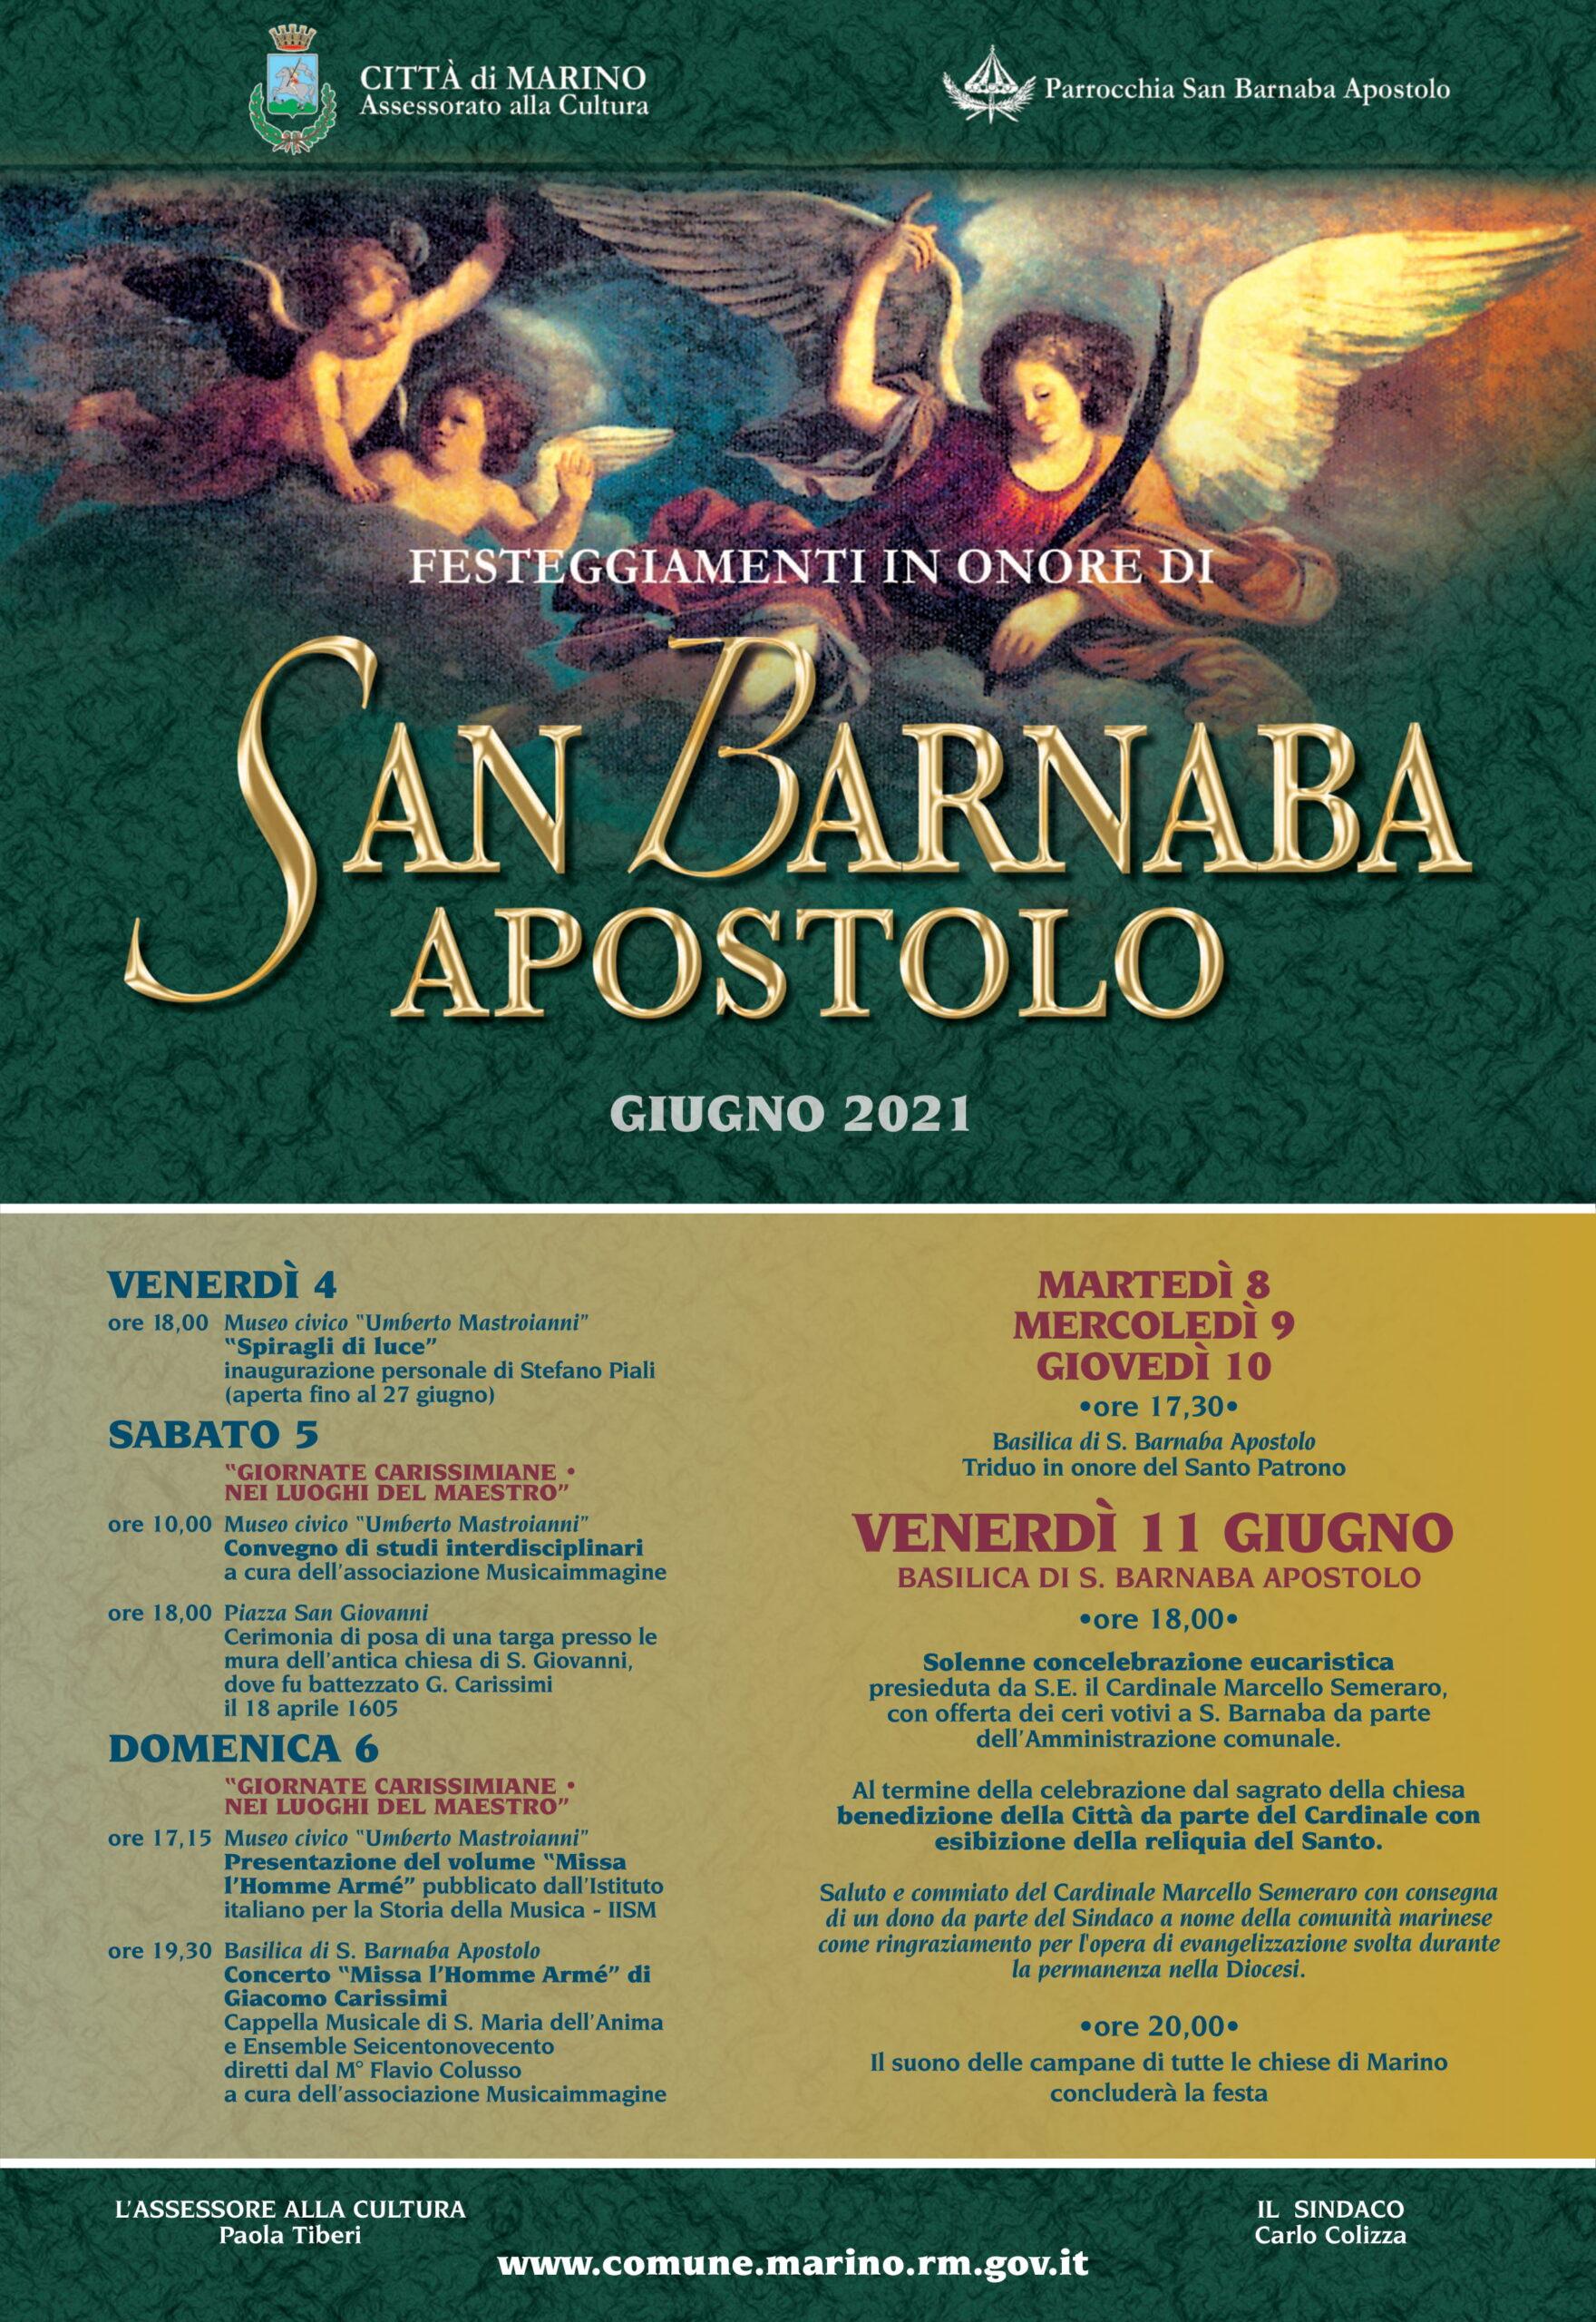 Marino, celebrazioni di San Barnaba Apostolo in forma essenziale